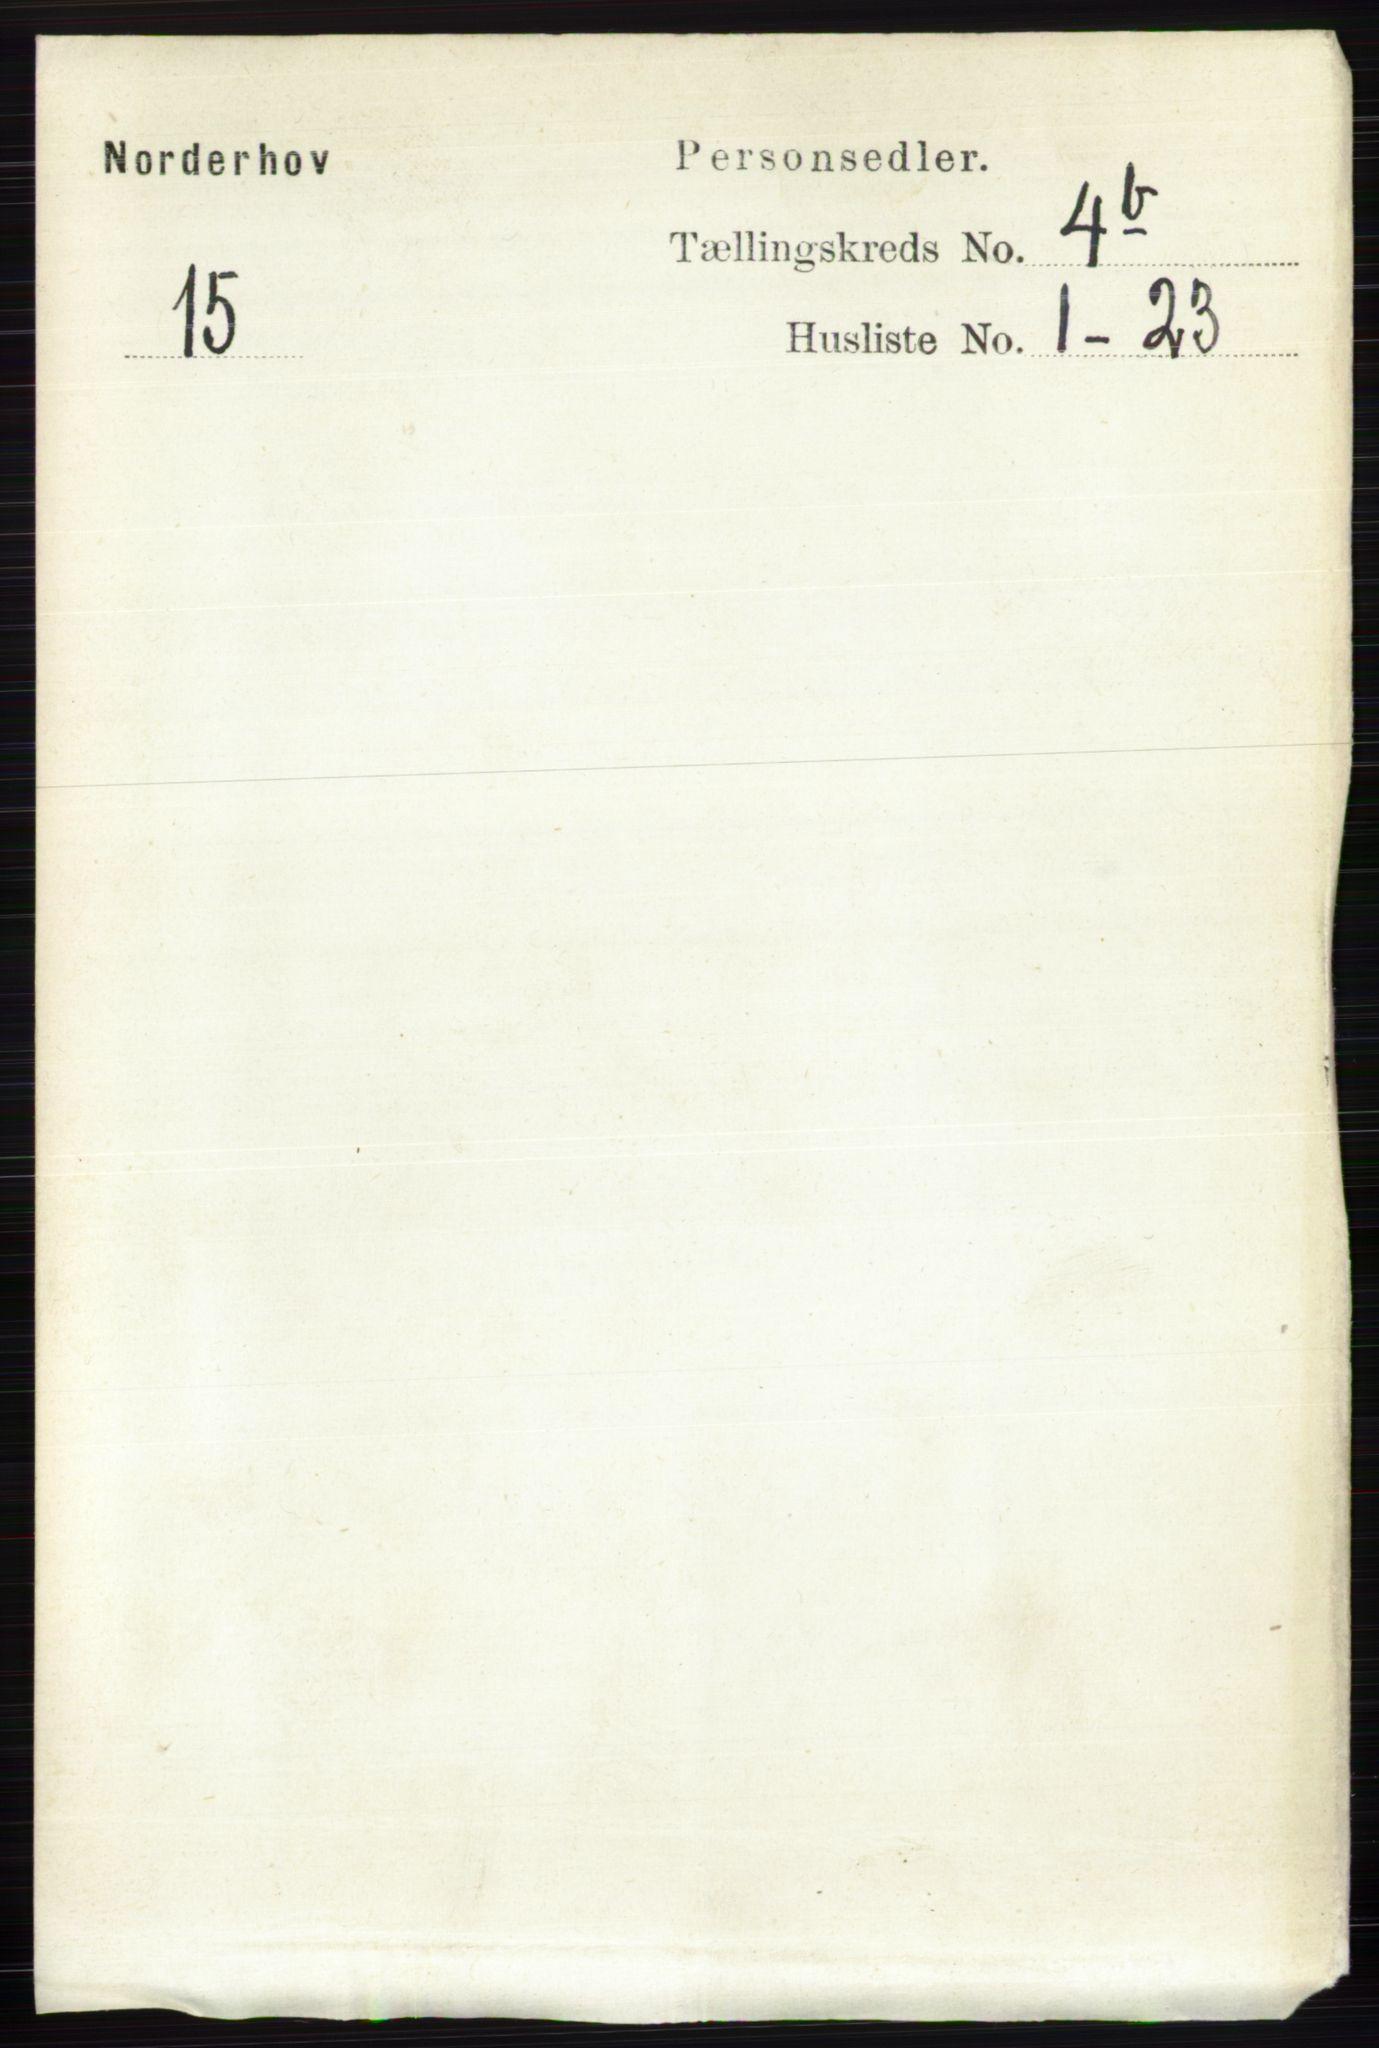 RA, Folketelling 1891 for 0613 Norderhov herred, 1891, s. 1999